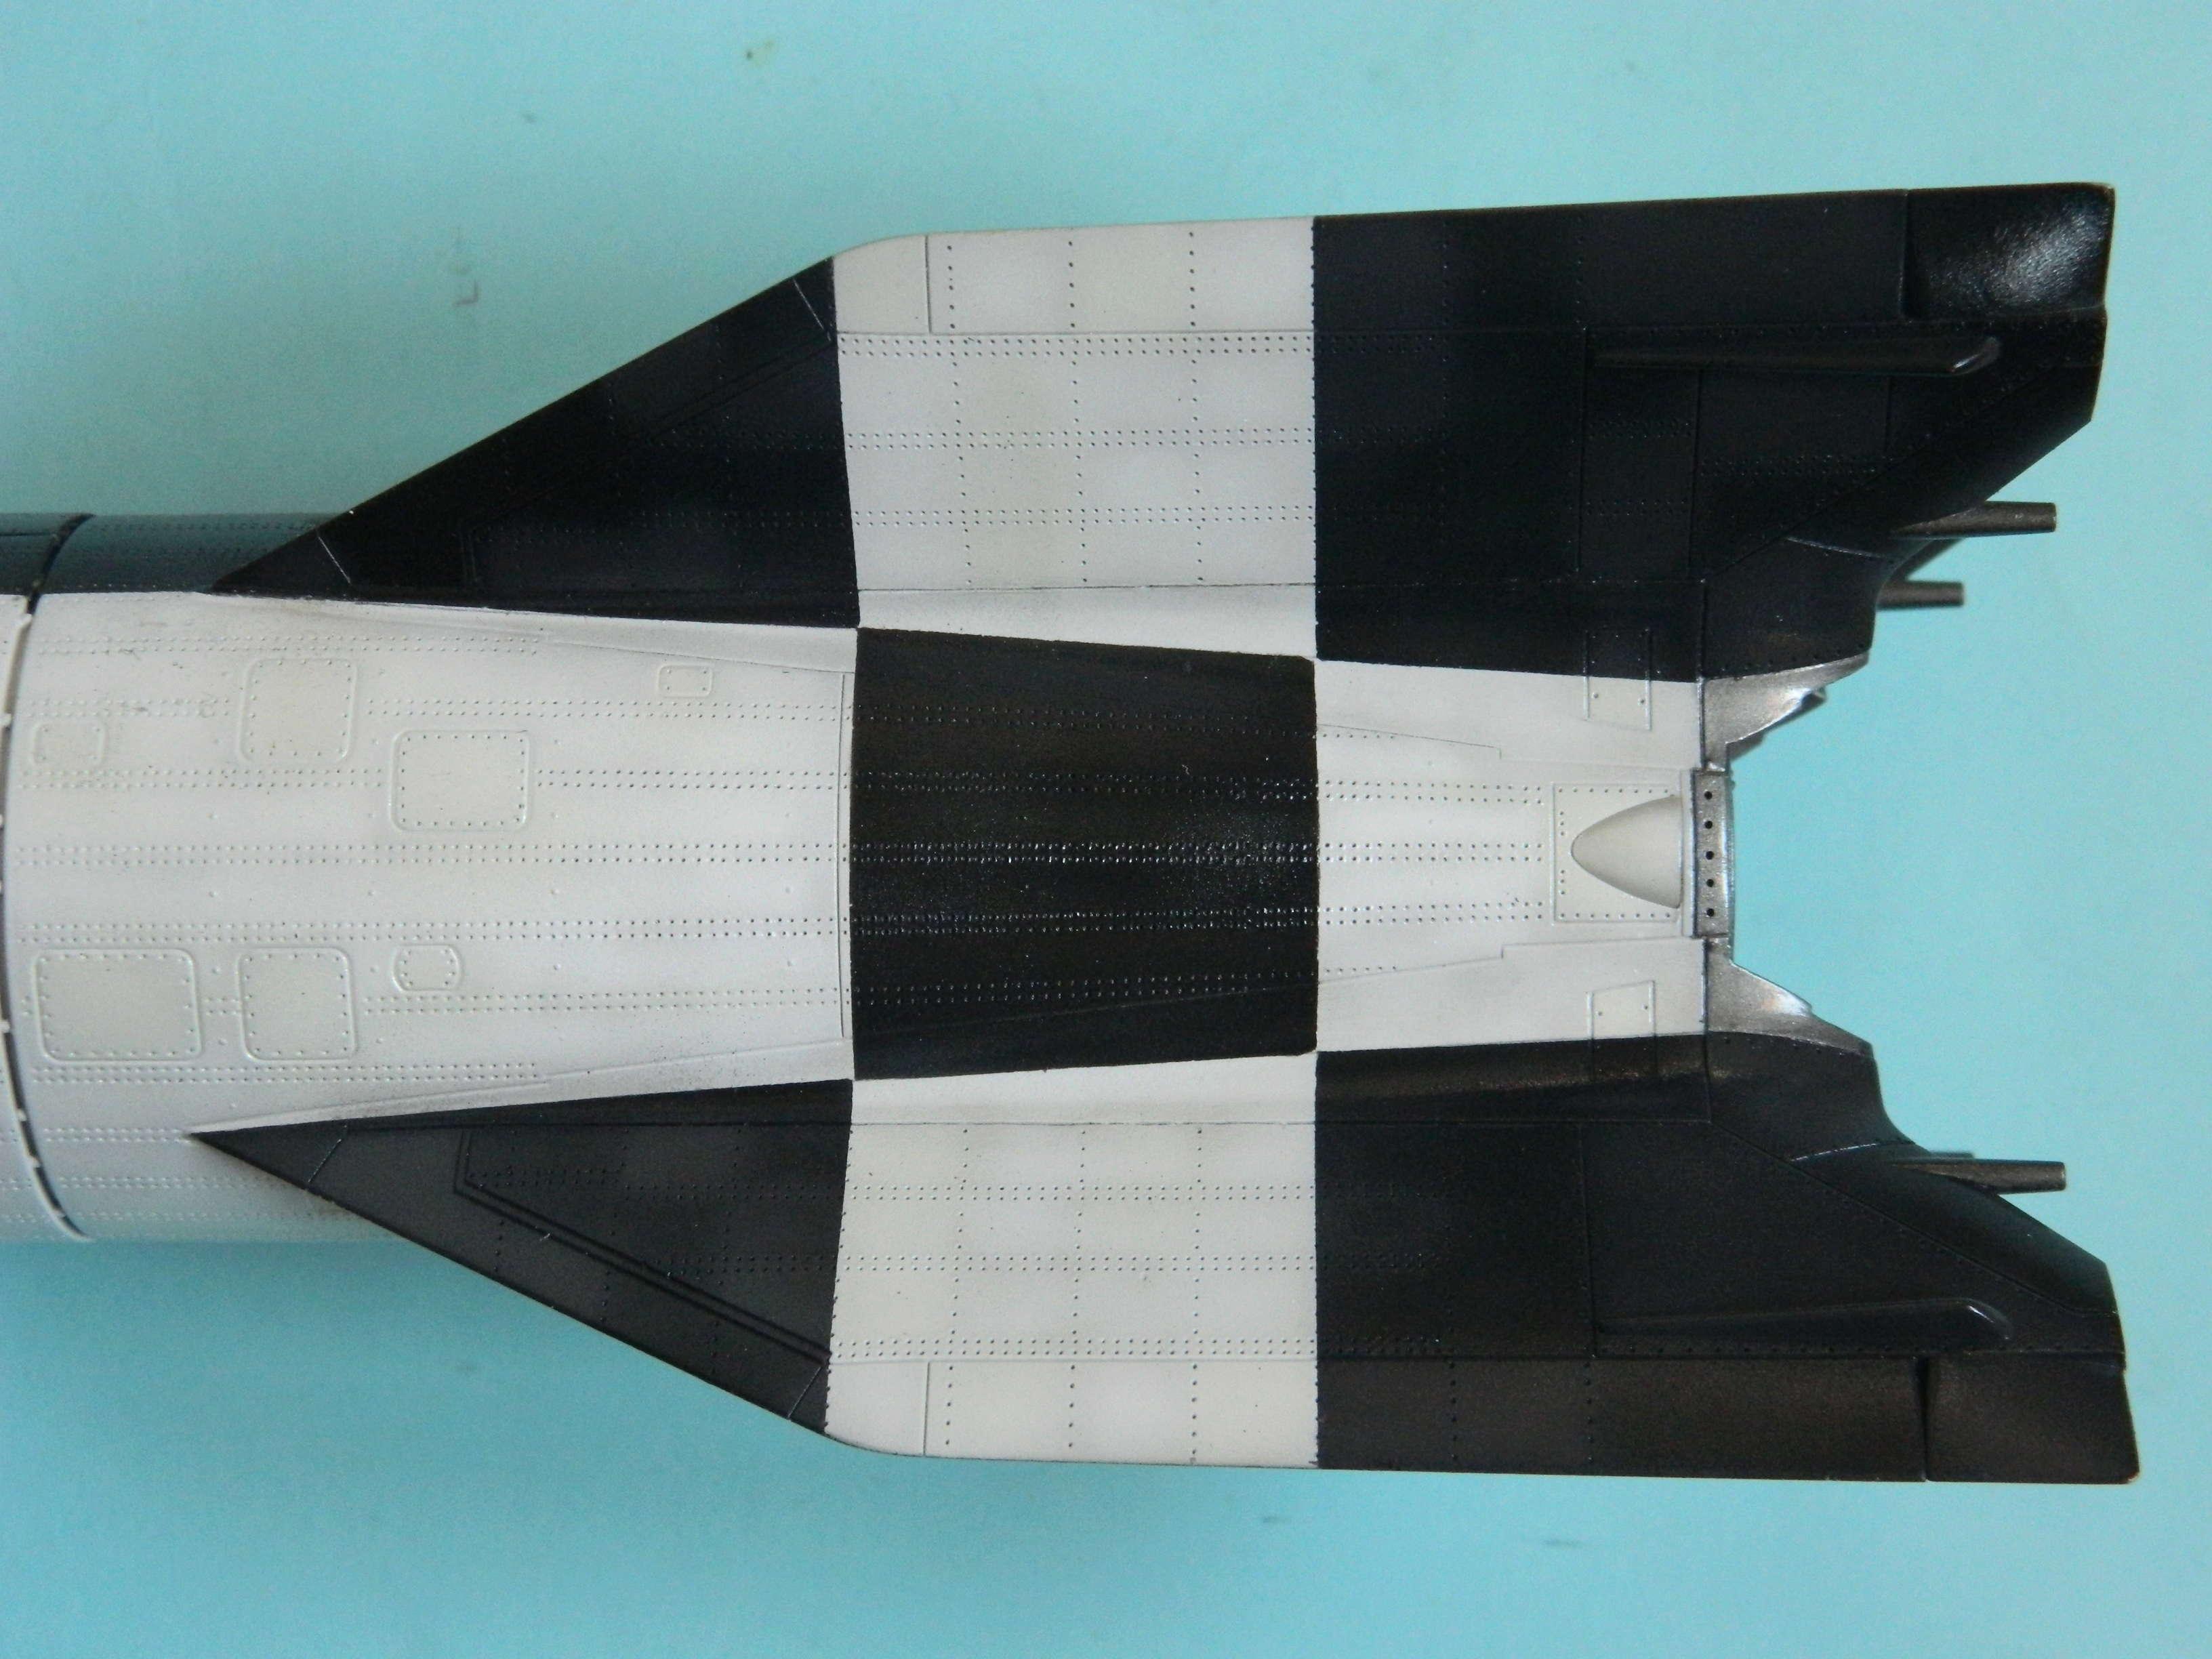 Vergeltungswaffe V-2 . A4. Fini, ou presque. Takom 1/35. 1812